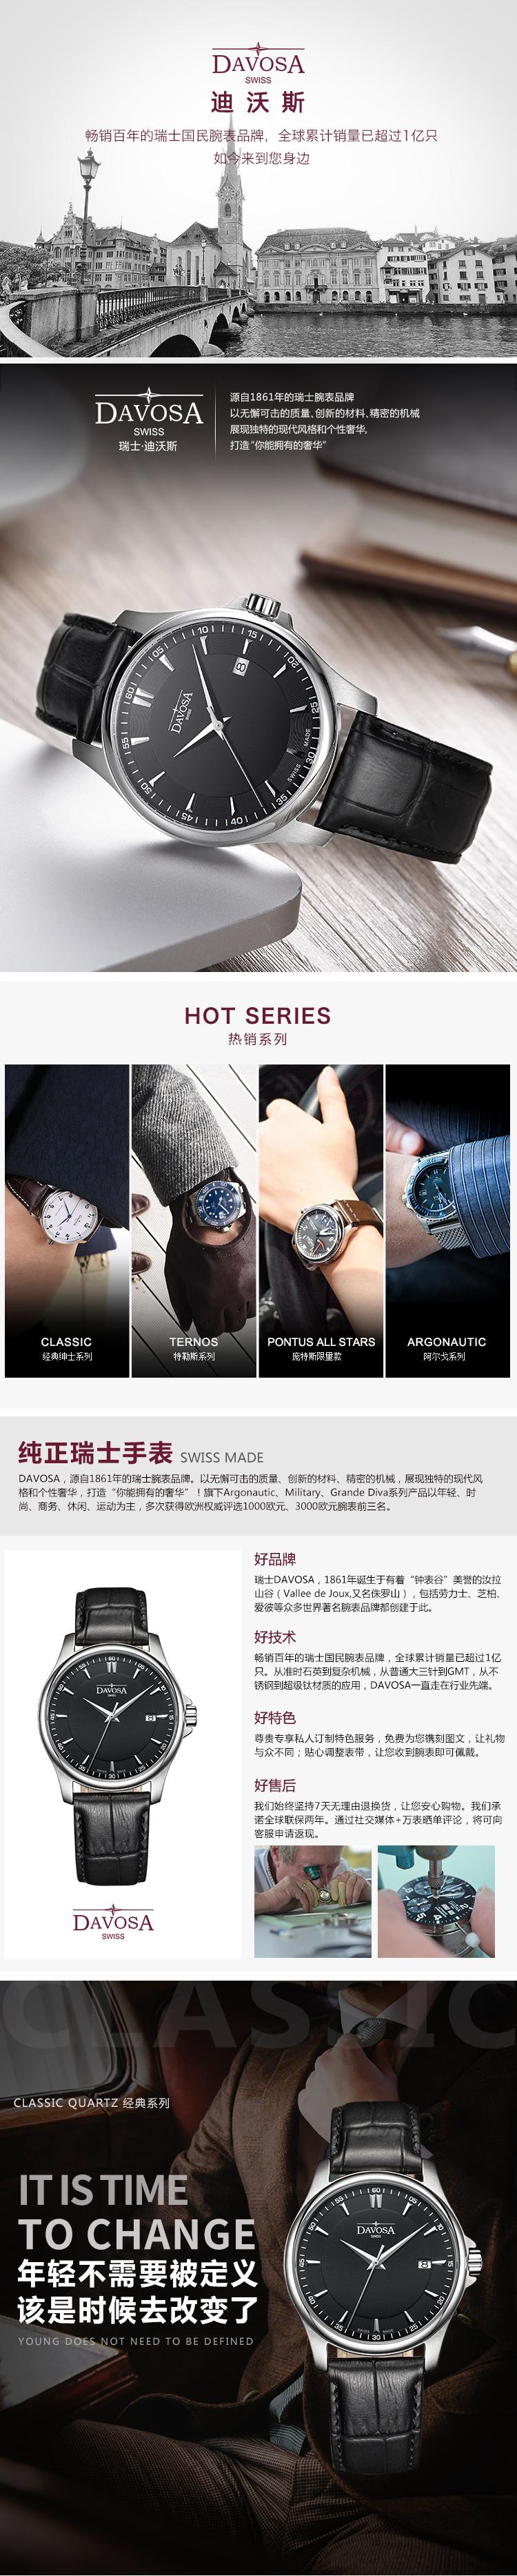 瑞士迪沃斯(DAVOSA)-Classic Quartz 经典系列 16246655 石英男表 瑞士好手表